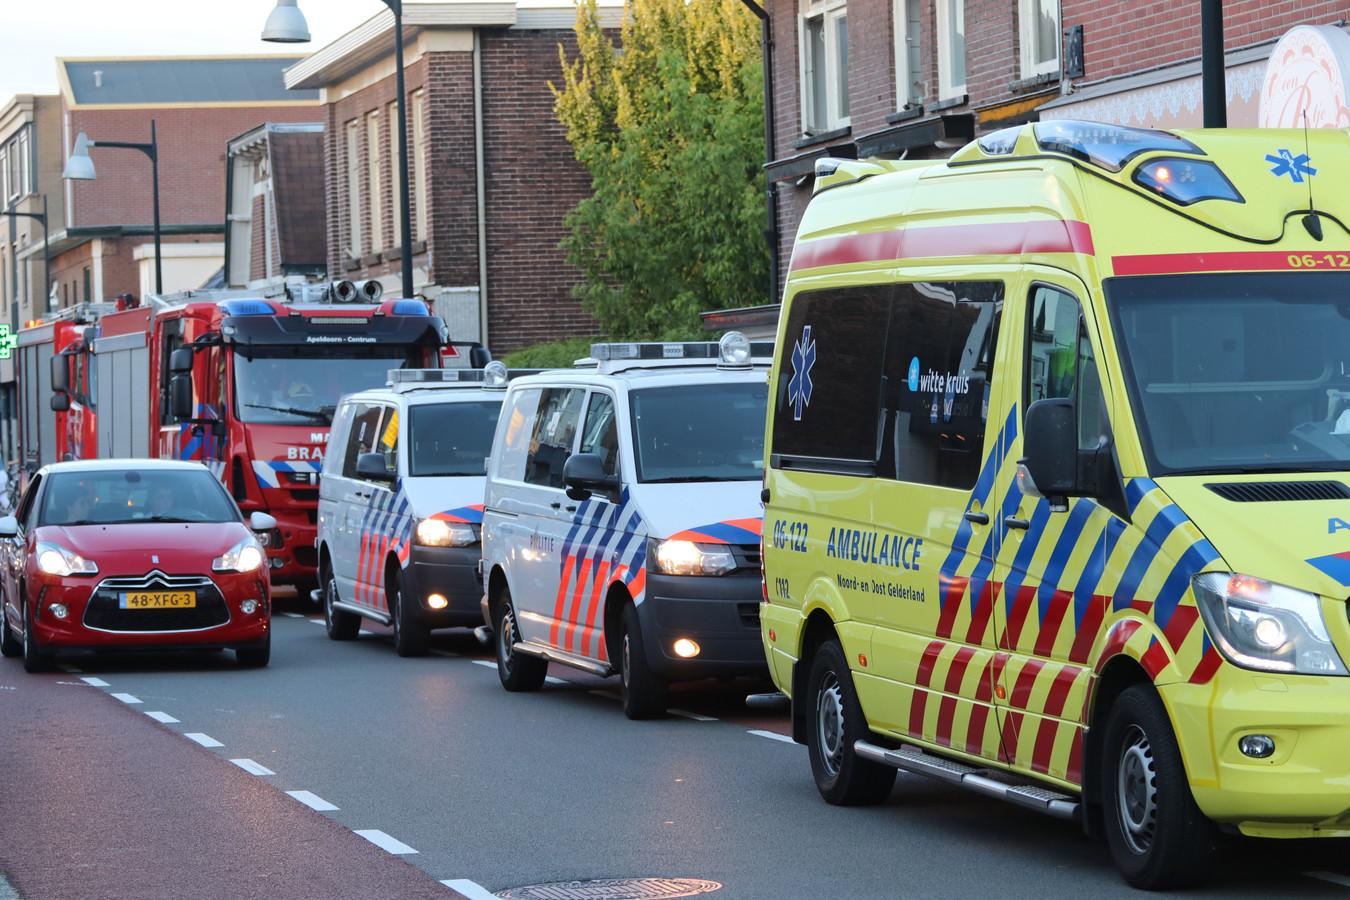 Veel politie, brandweer en ambulances in de Asselsestraat in Apeldoorn vanavond